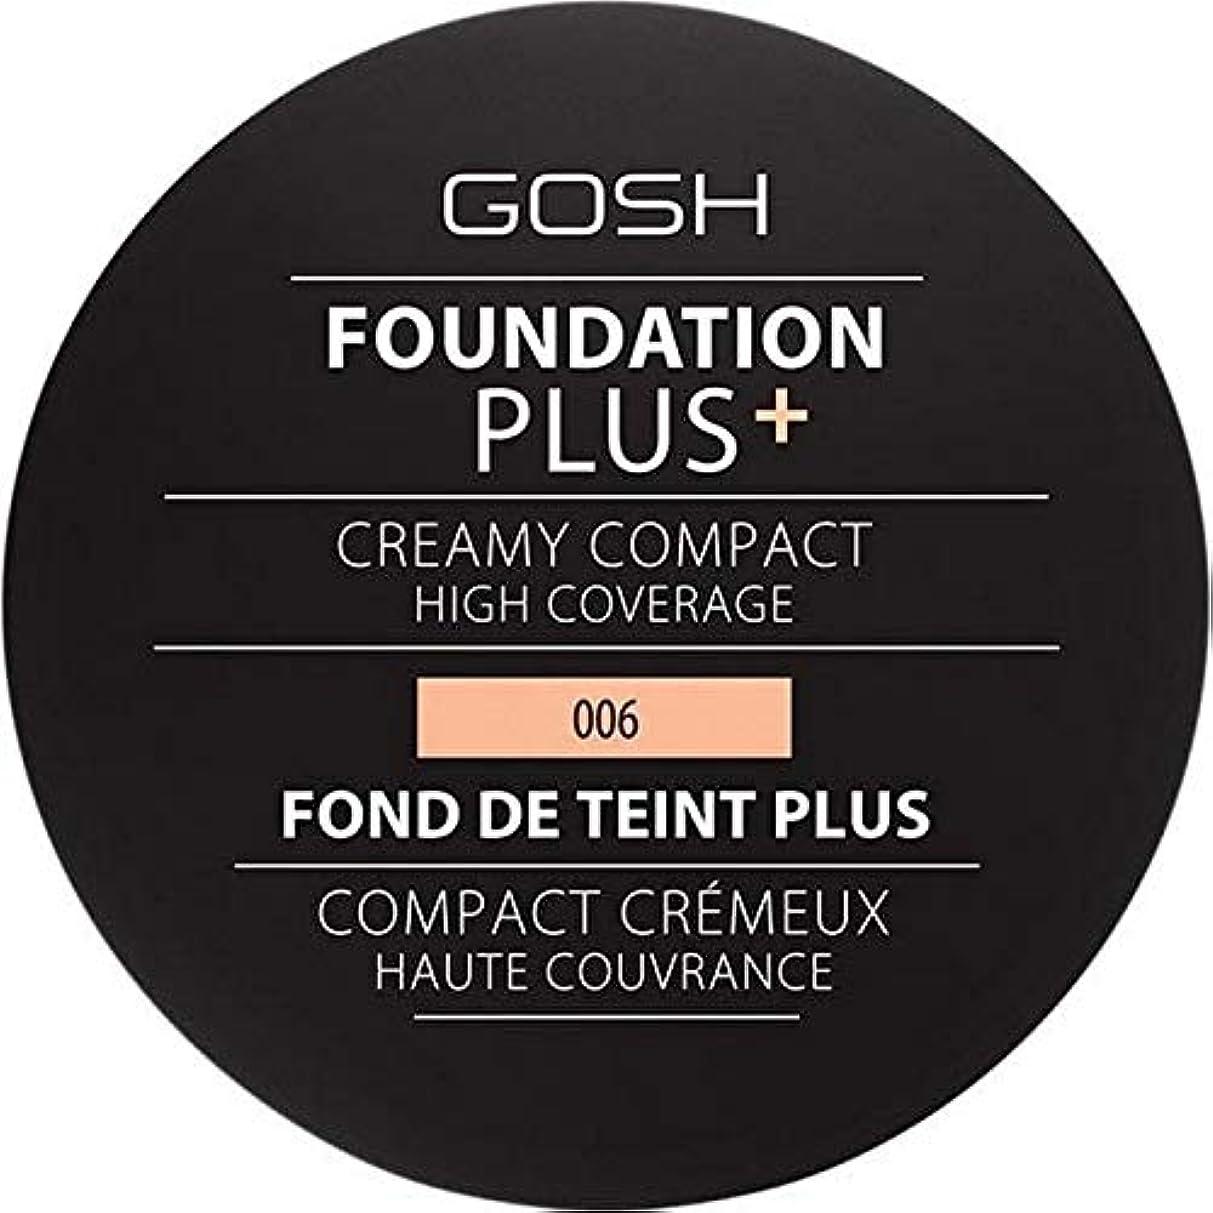 衝突キャンパス手紙を書く[GOSH ] 基礎プラス+クリーミーコンパクト蜂蜜006 - Foundation Plus+ Creamy Compact Honey 006 [並行輸入品]